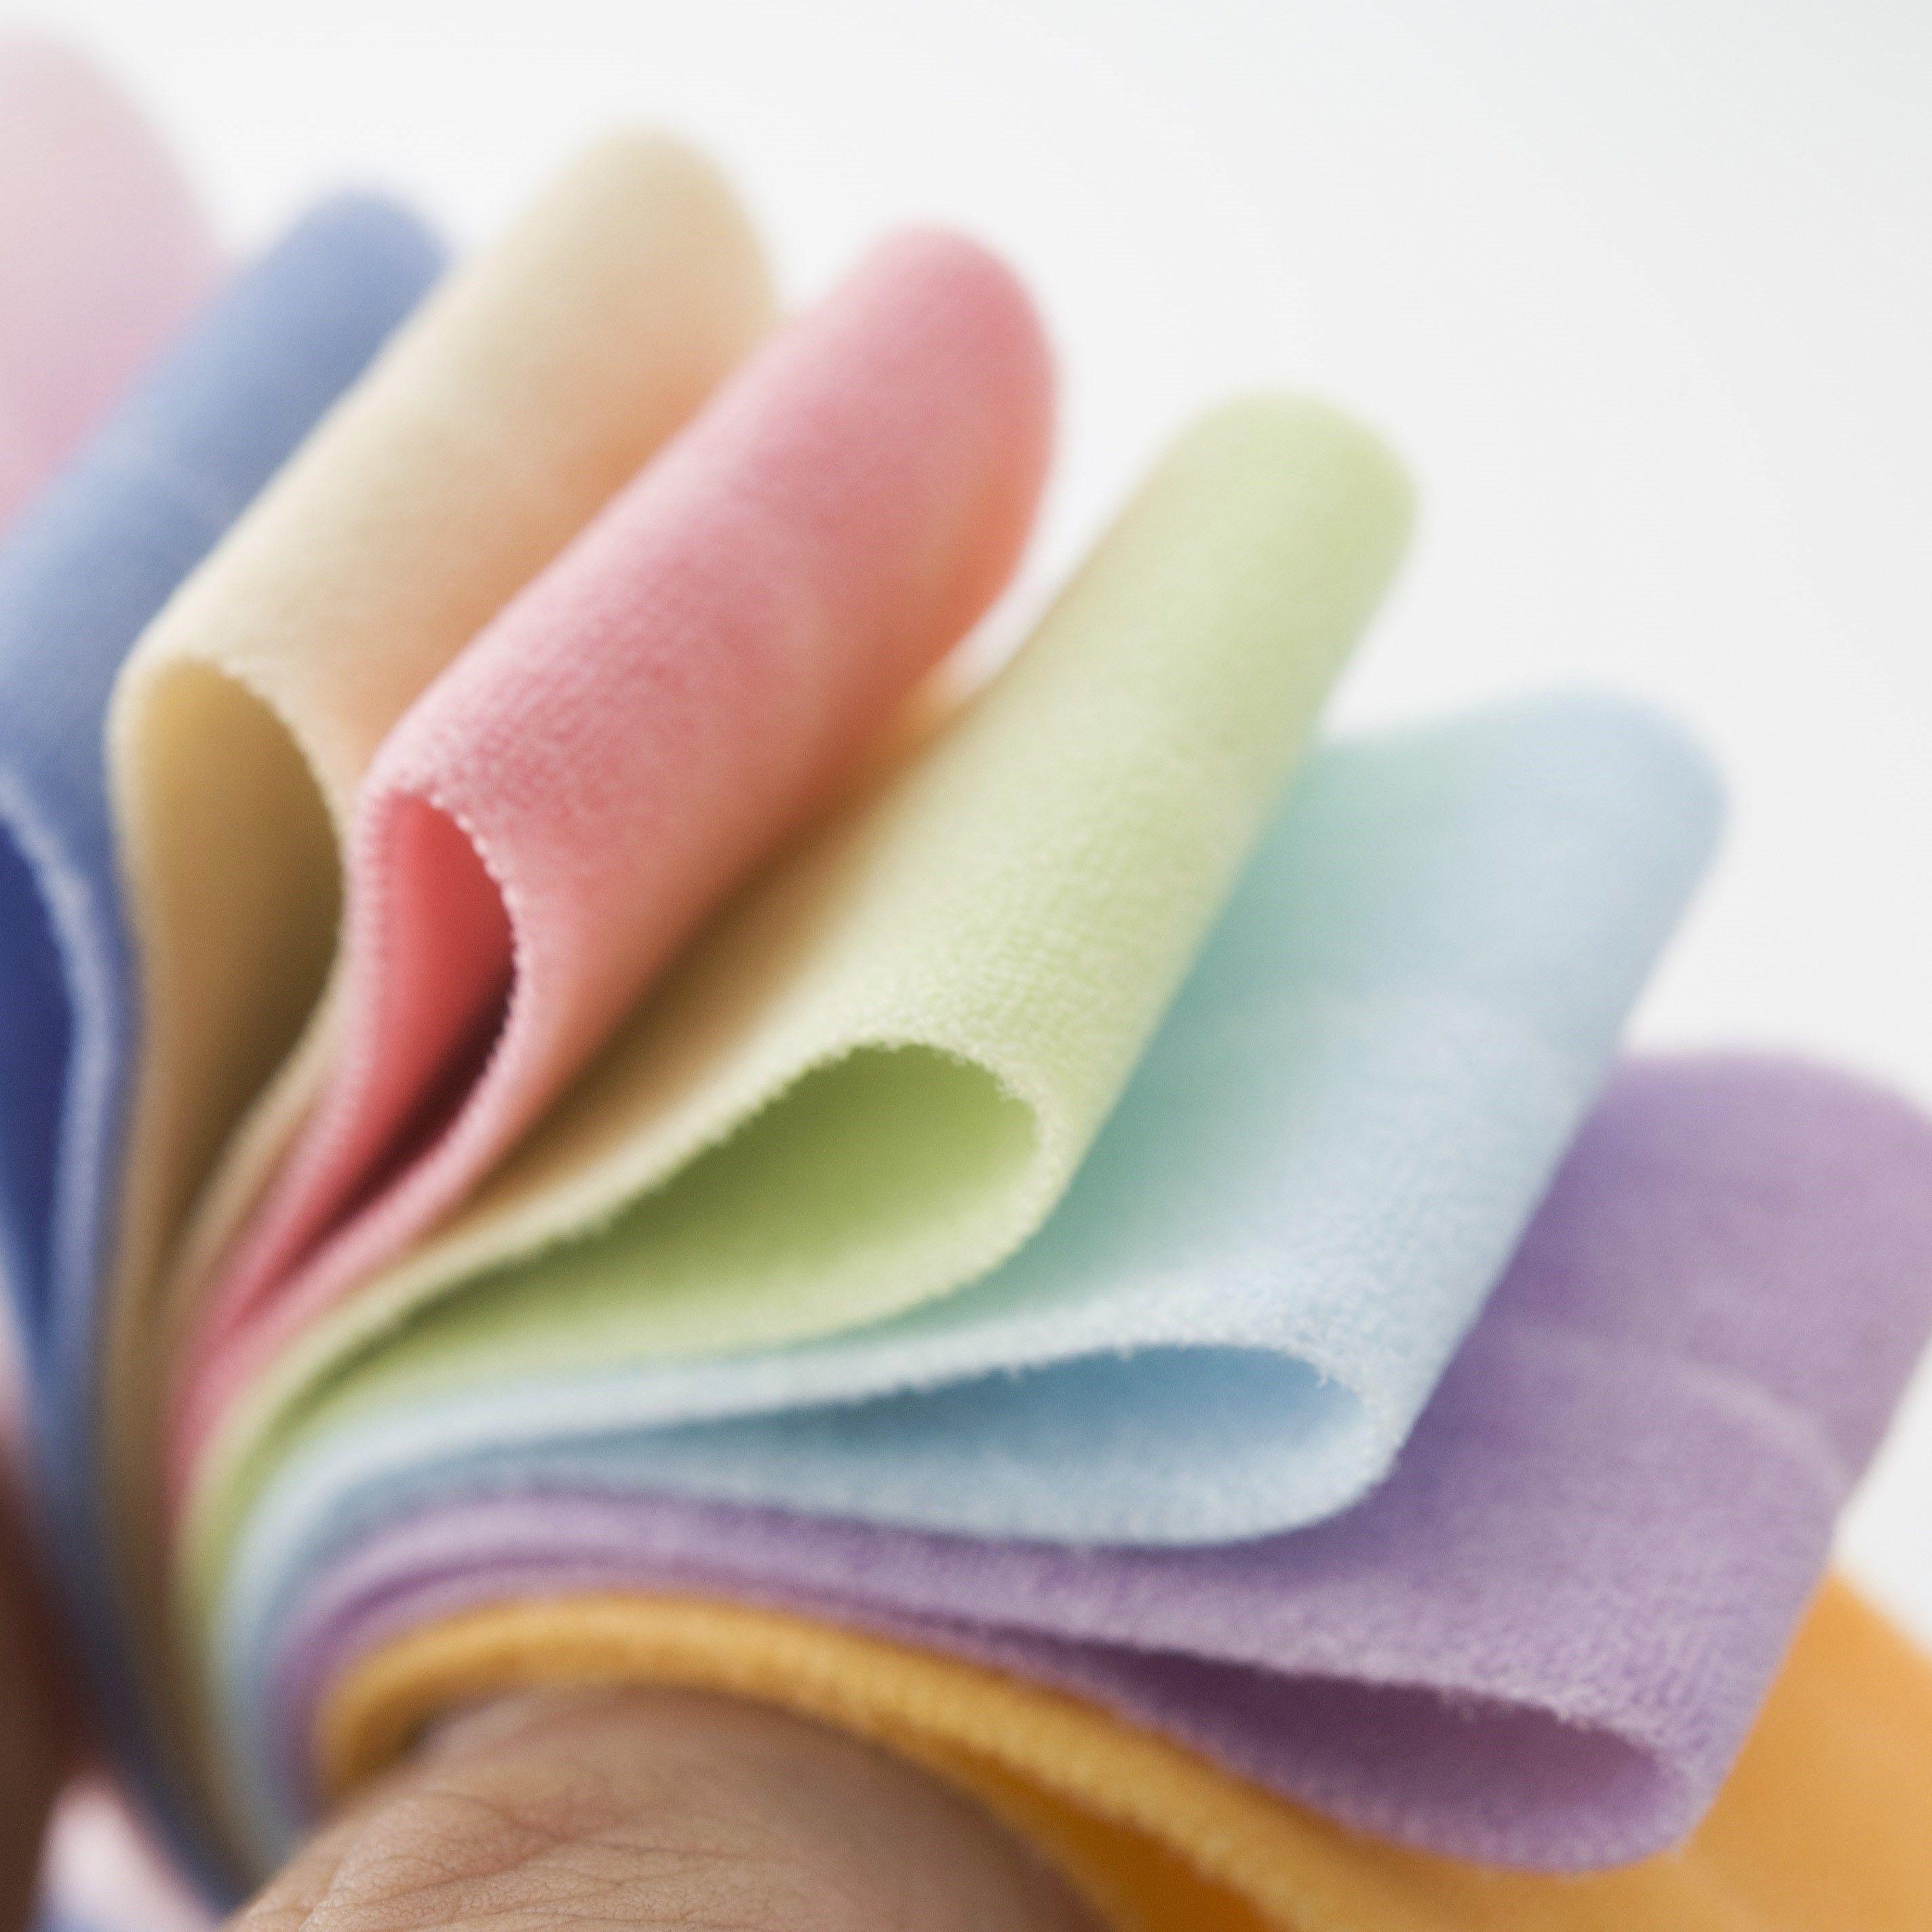 家居领口镶边棉质弹力包边绳棉布条地毯带子包边条布包宝宝服丝带